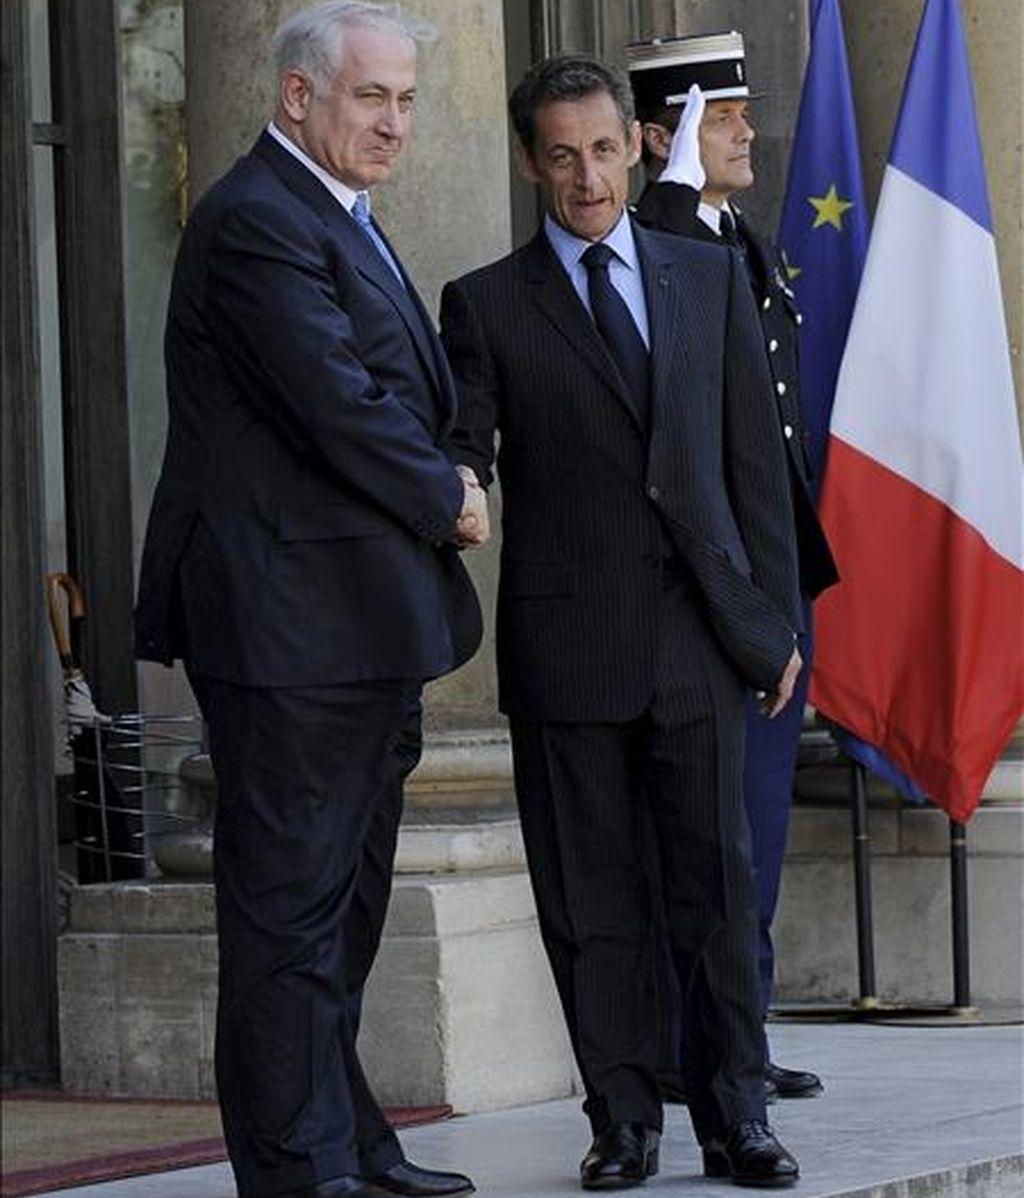 El presidente de Francia, Nicolas Sarkozy, saluda al primer ministro israelí, Benjamin Netanyahu, a su llegada al Palacio del Elíseo. EFE